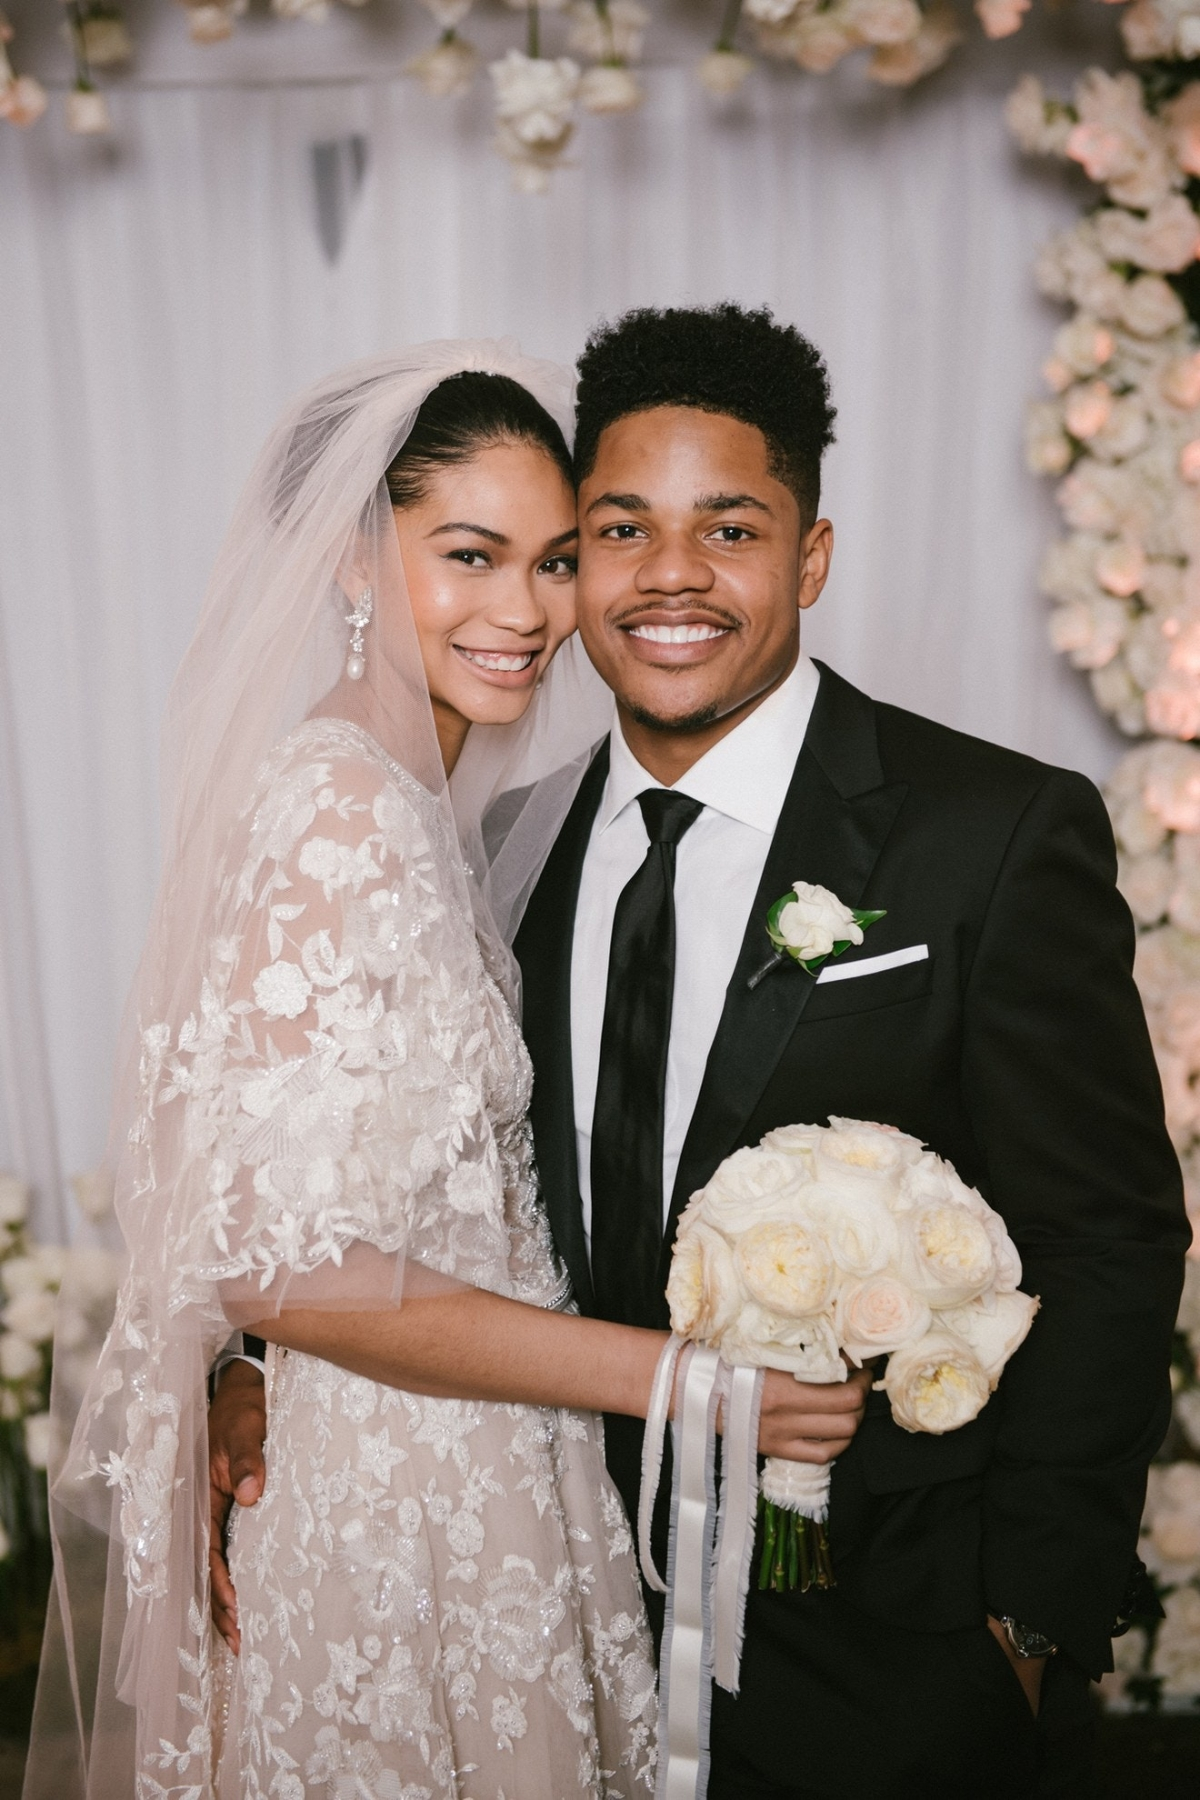 """Chân dài Victoria's Secret Chanel Iman và bạn trai - cầu thủ bóng đá Sterling Shepard của độiNY Giants đã kết hôntại khách sạn Beverly Hills ở Los Angelesvào tháng 3/2018. Trong lễ cưới, Chanel đã lựa chọn thiết kế đầmren của Zuhair Murad. Cô chia sẻ: """"Những bộ đồ của Zuhair Murad luôn vừa vặn và tôn lên vóc dáng cơ thể tôi, và những hạt cườm của hãng thật tinh xảo""""."""